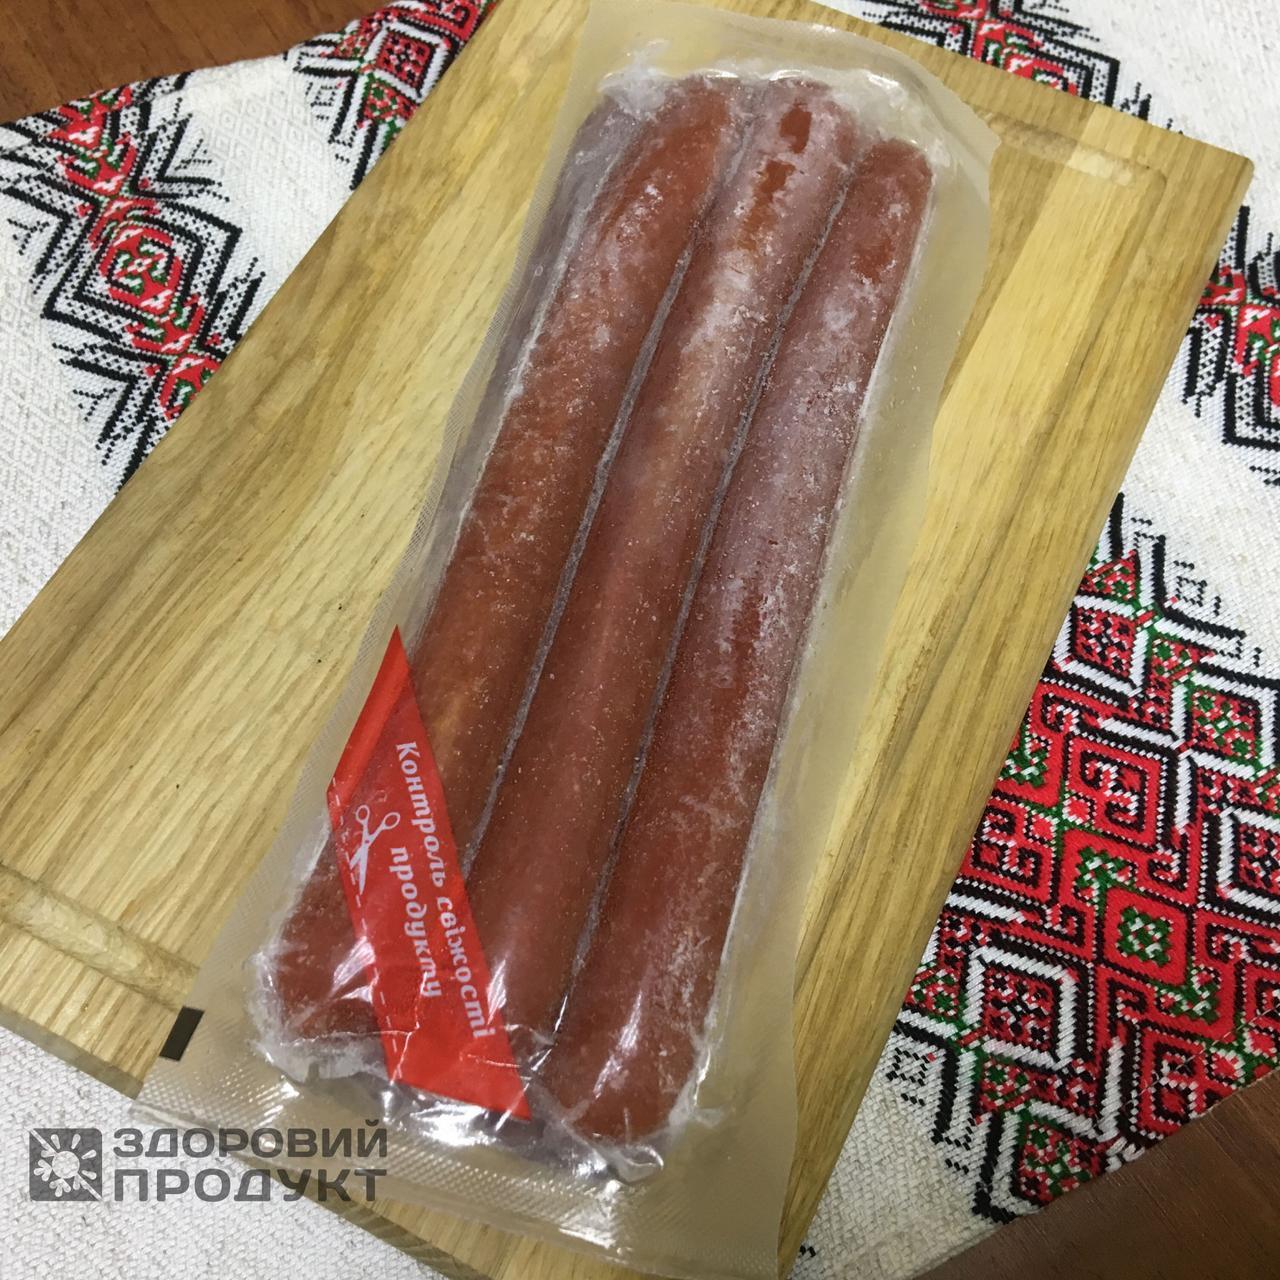 Сосиски «Фирменные» Высший Сорт 750г, 10шт/уп для хот-догов